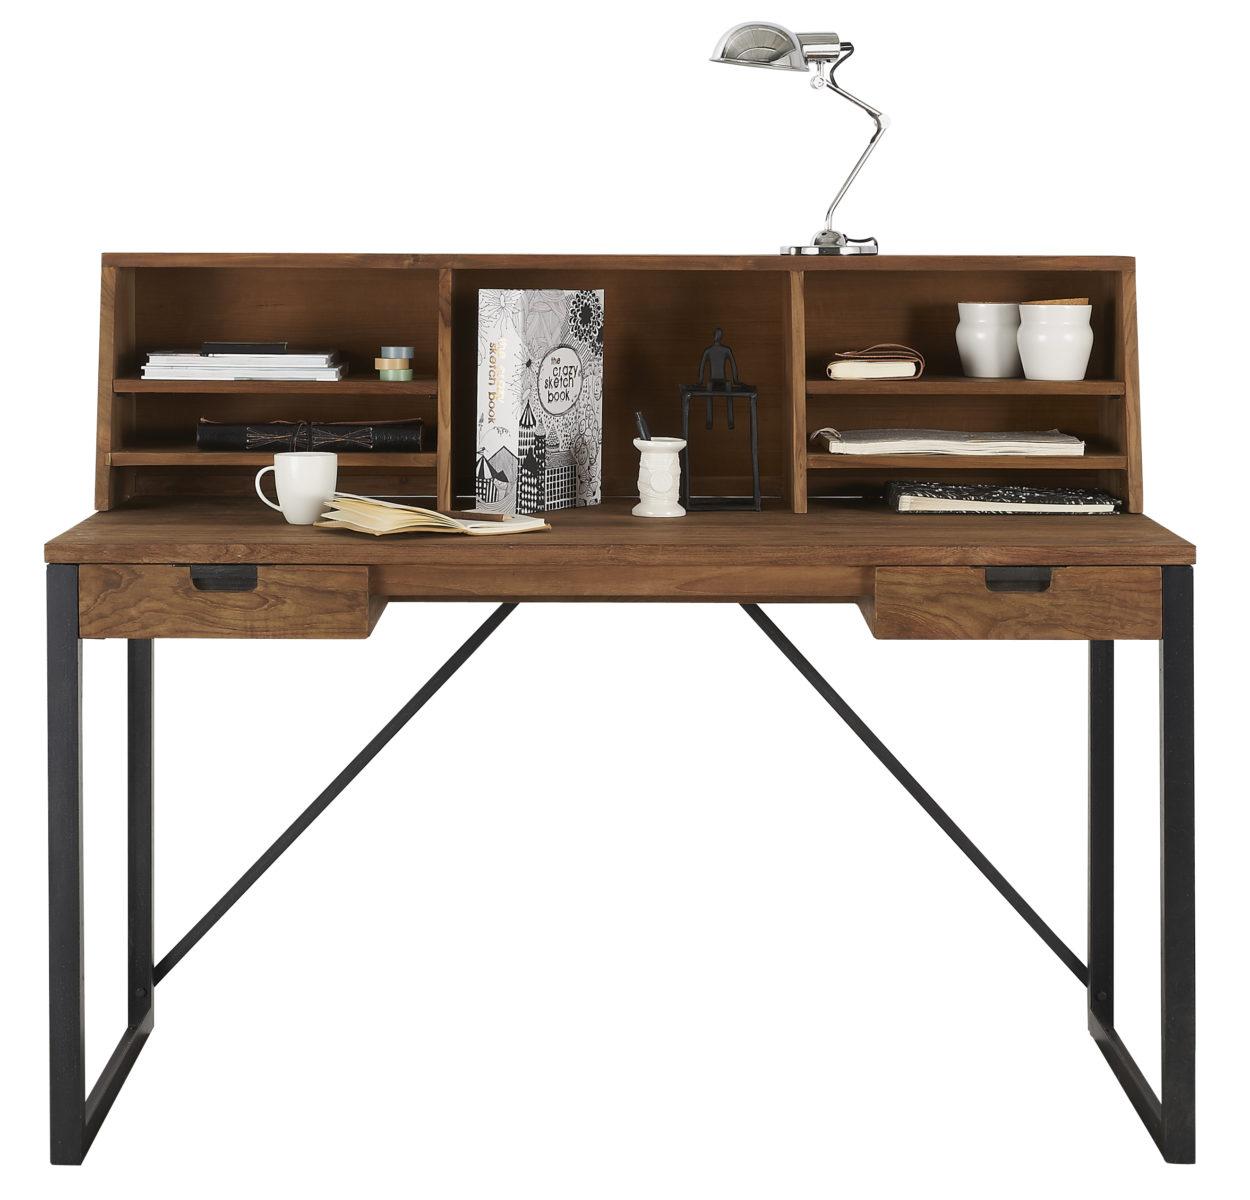 d bodhi fendy bureau 120 cm teak metaal vivaldi xl zevenaar. Black Bedroom Furniture Sets. Home Design Ideas